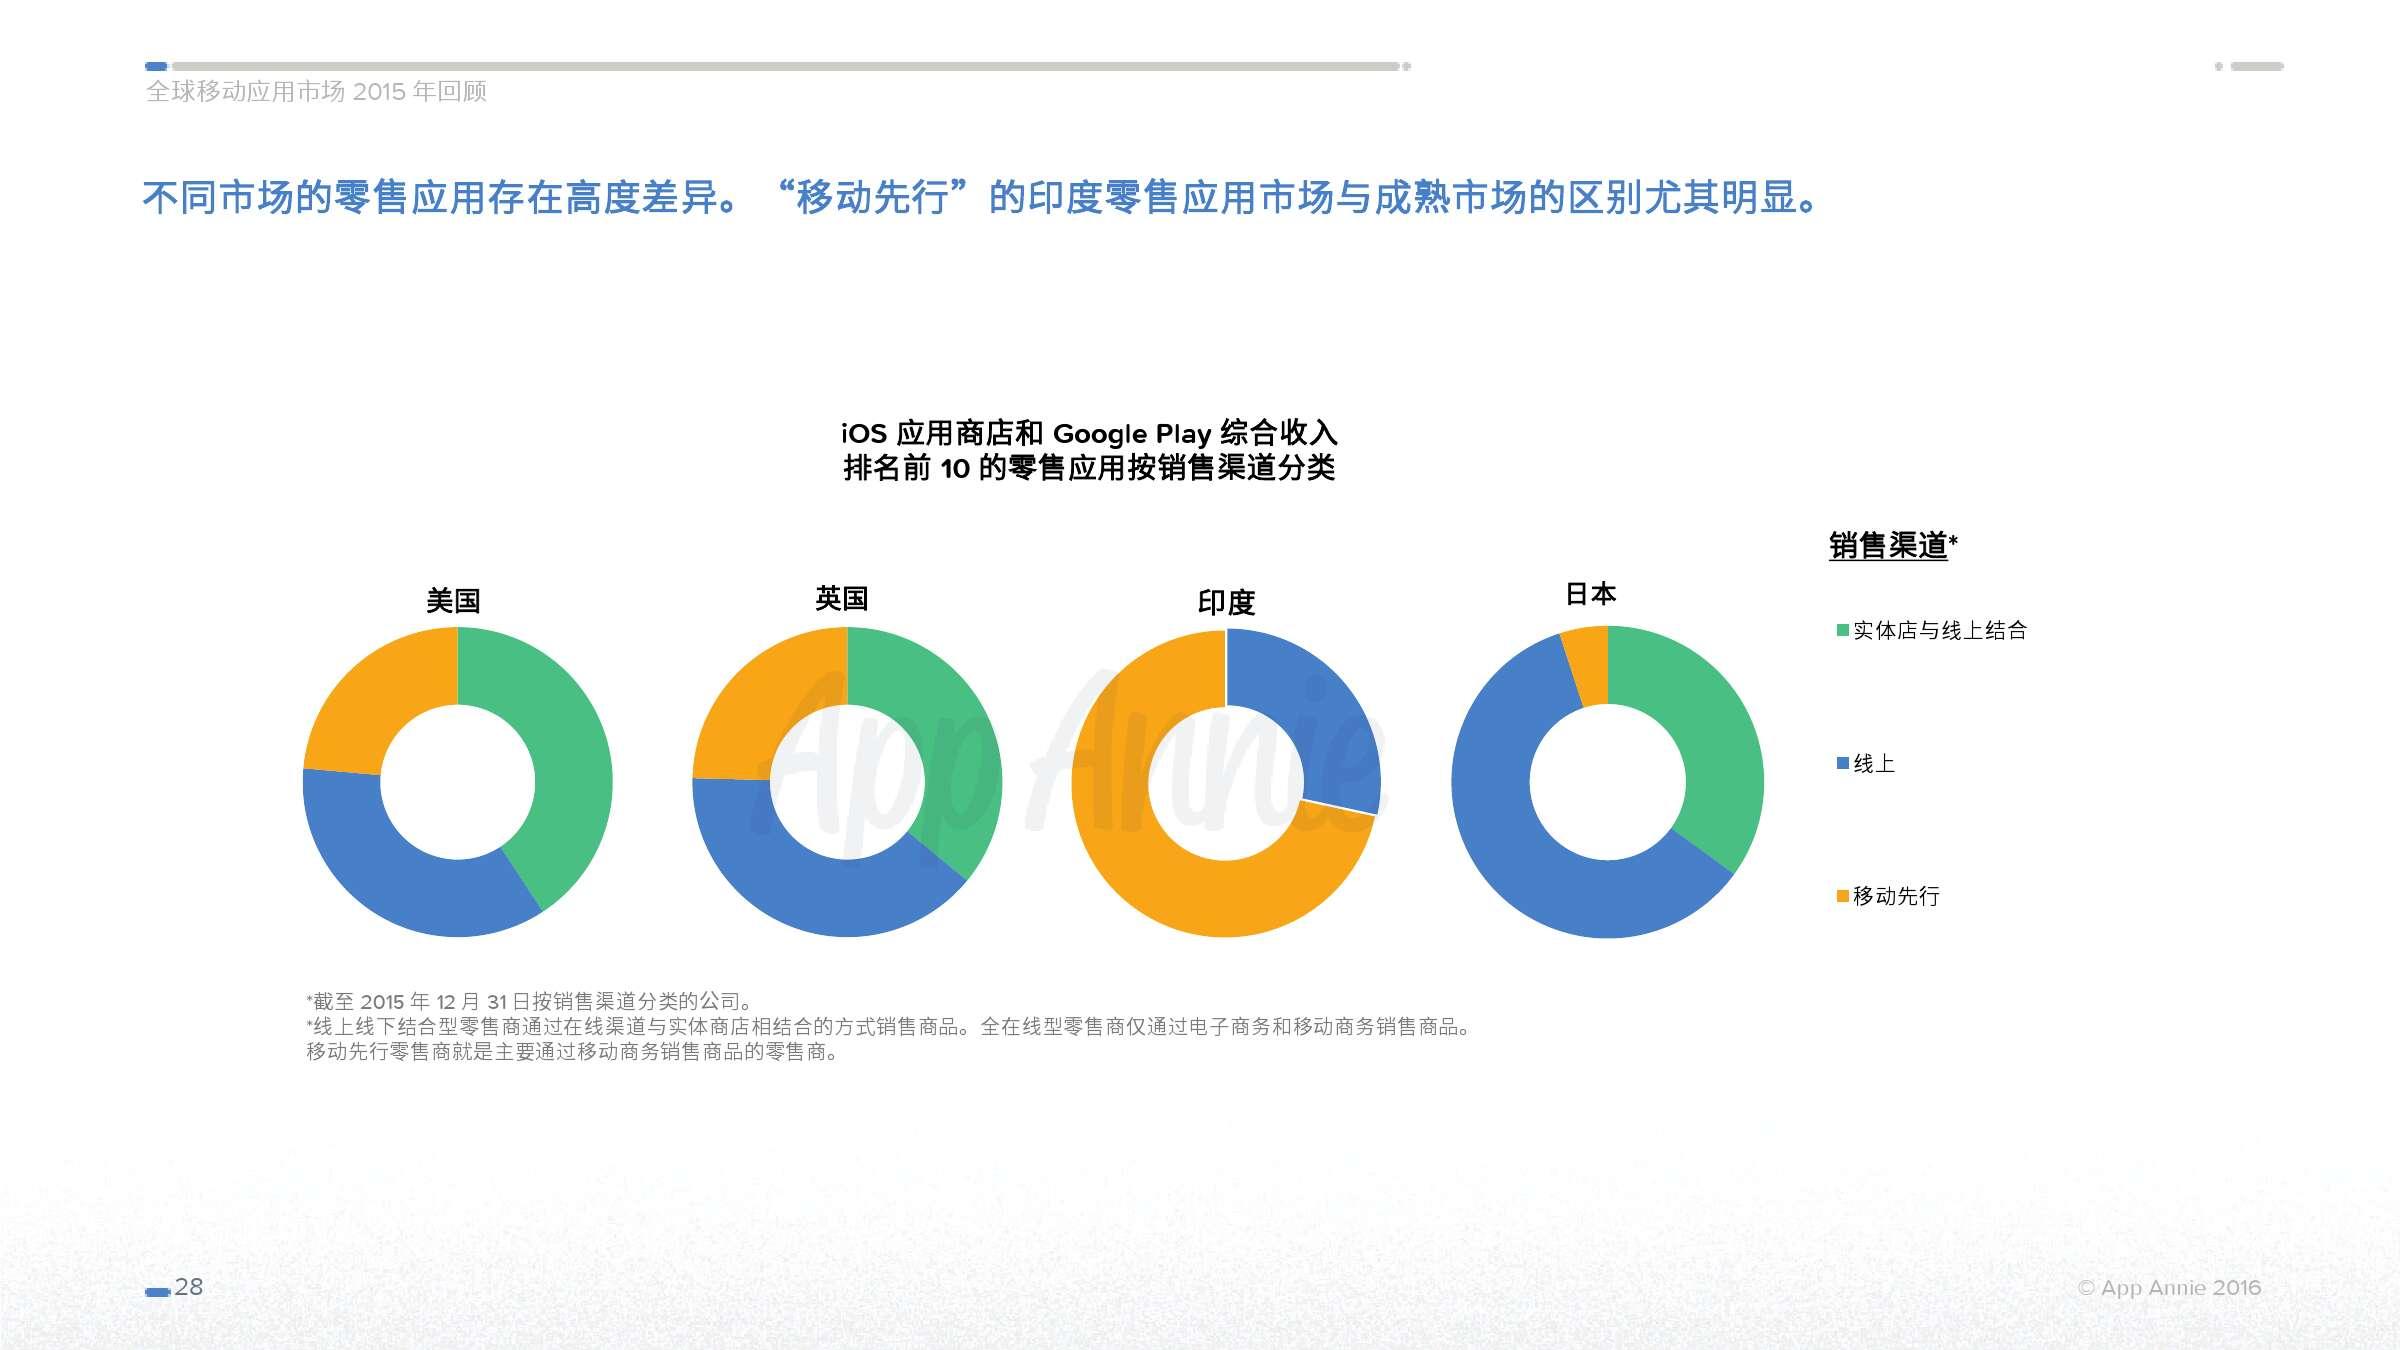 App Annie 全球移动应用市场 2015 年回顾_000028